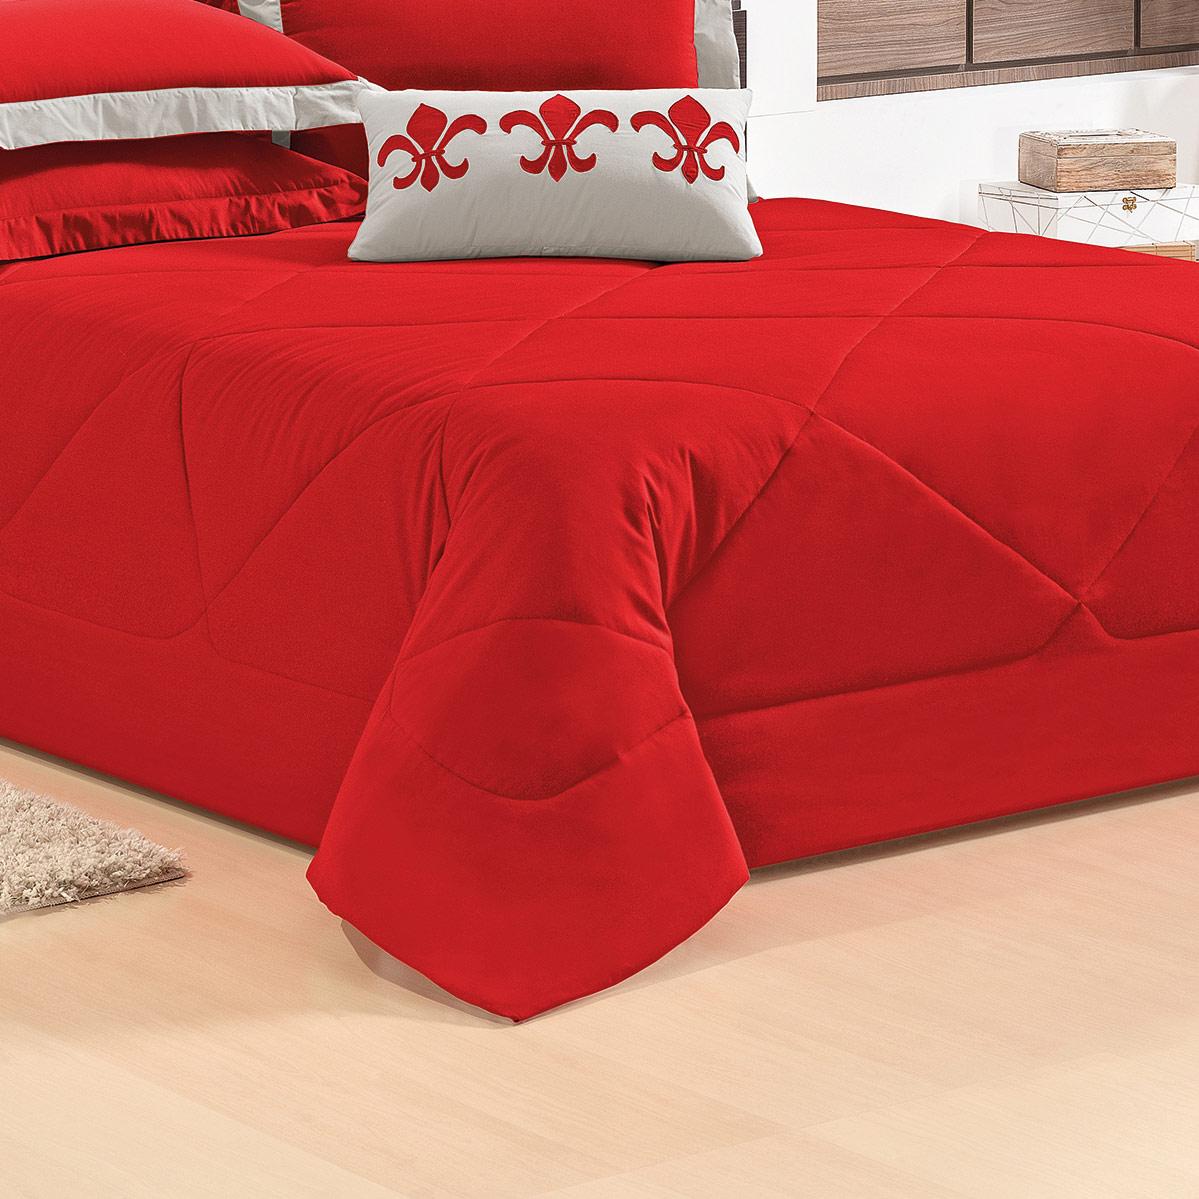 Cobre Leito Casal Vermelho em 100% Algodão com 5 peças - Cobre Leito Flor de Lotus